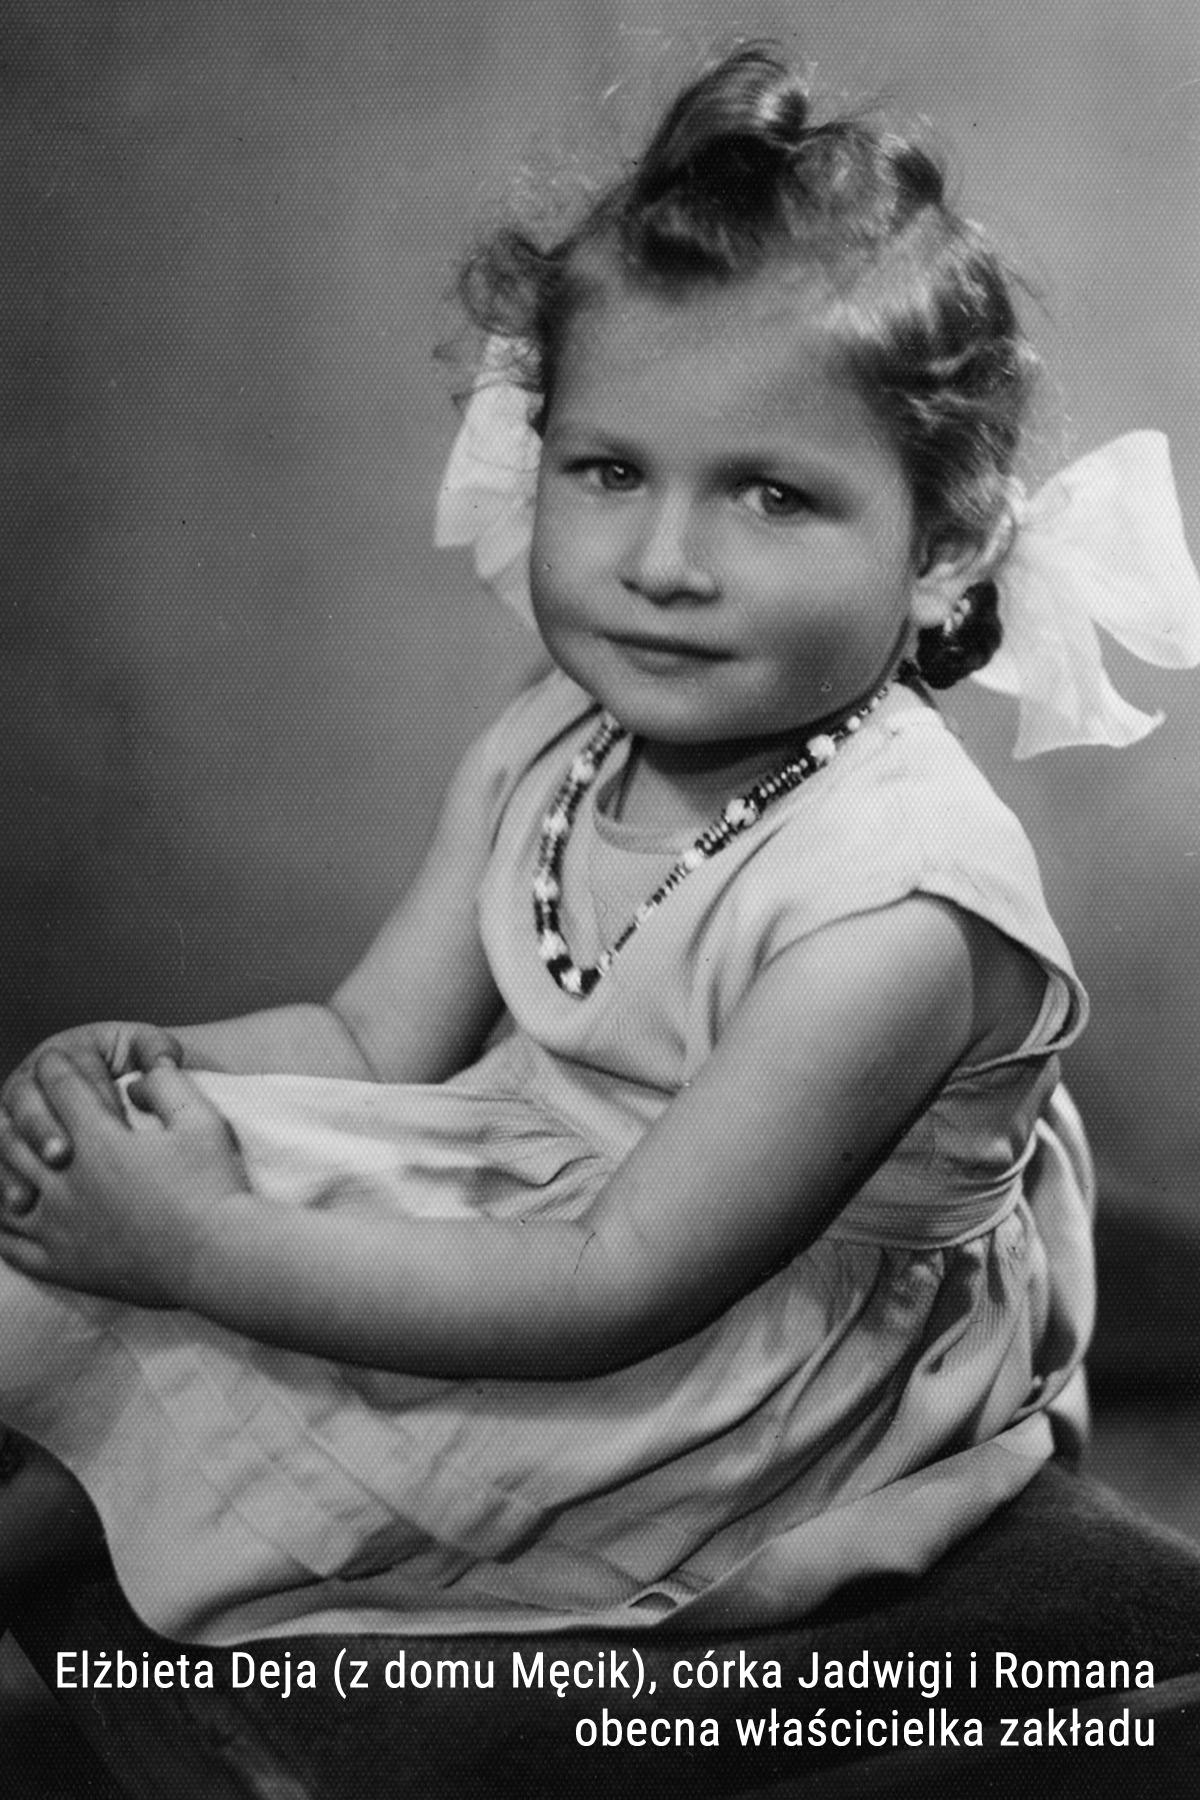 Elżbieta Deja